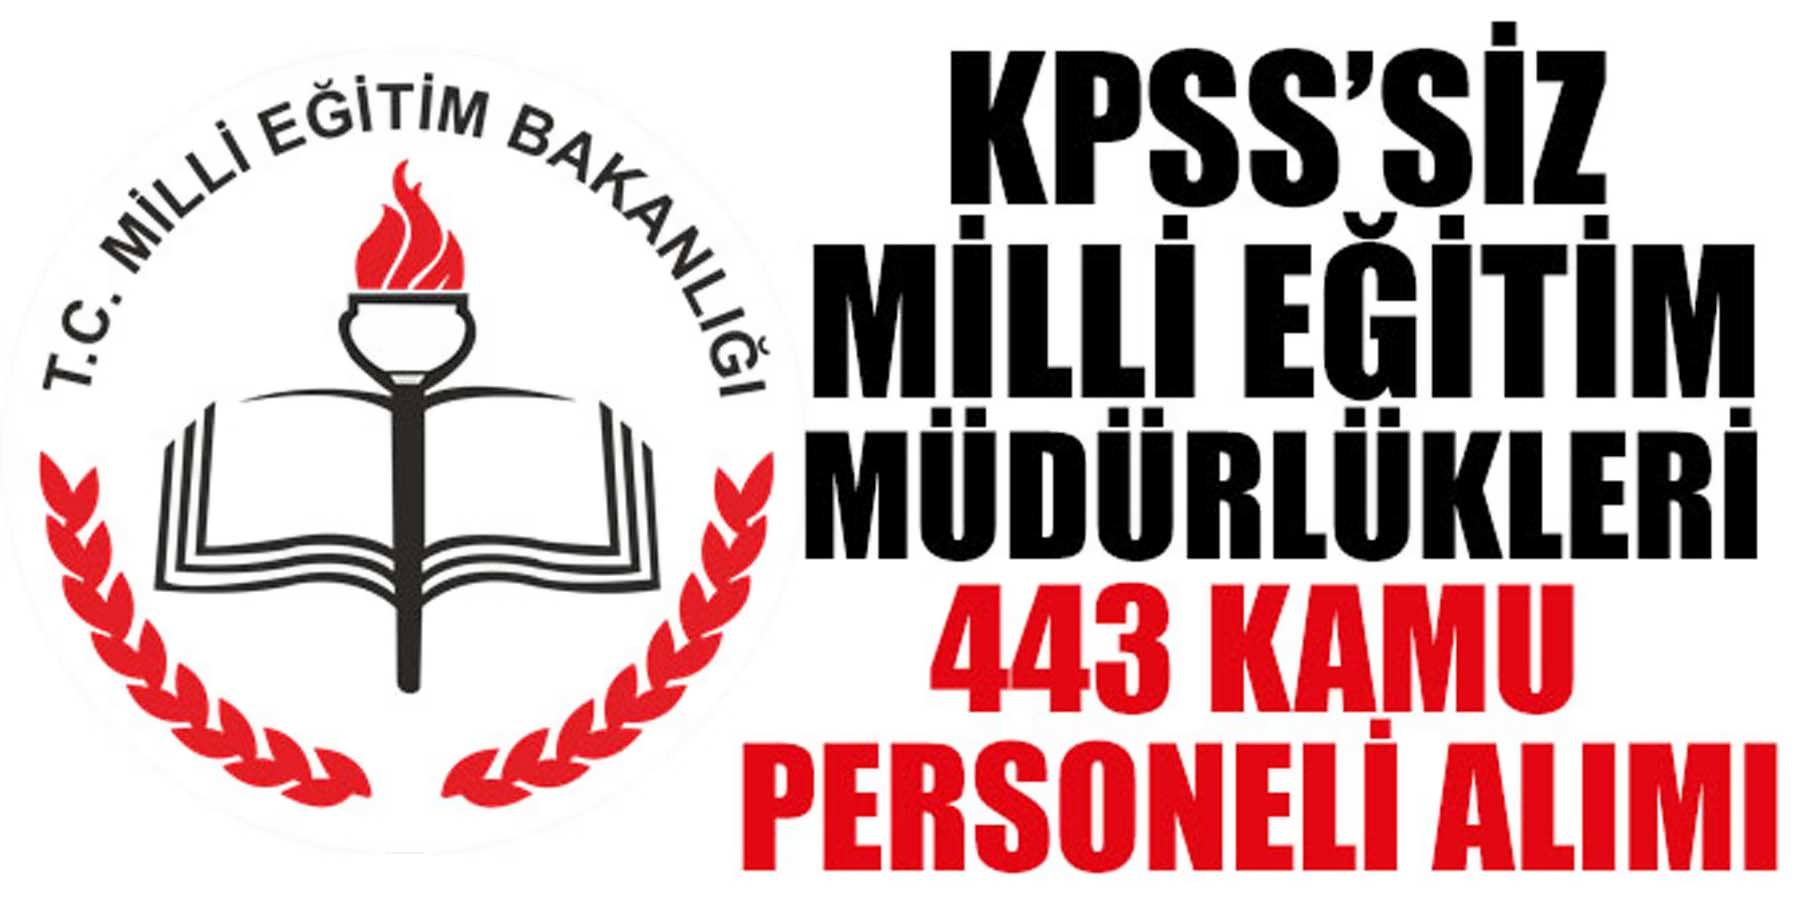 KPSS'Siz Milli Eğitim Müdürlükleri 443 Kamu Personeli Alımı